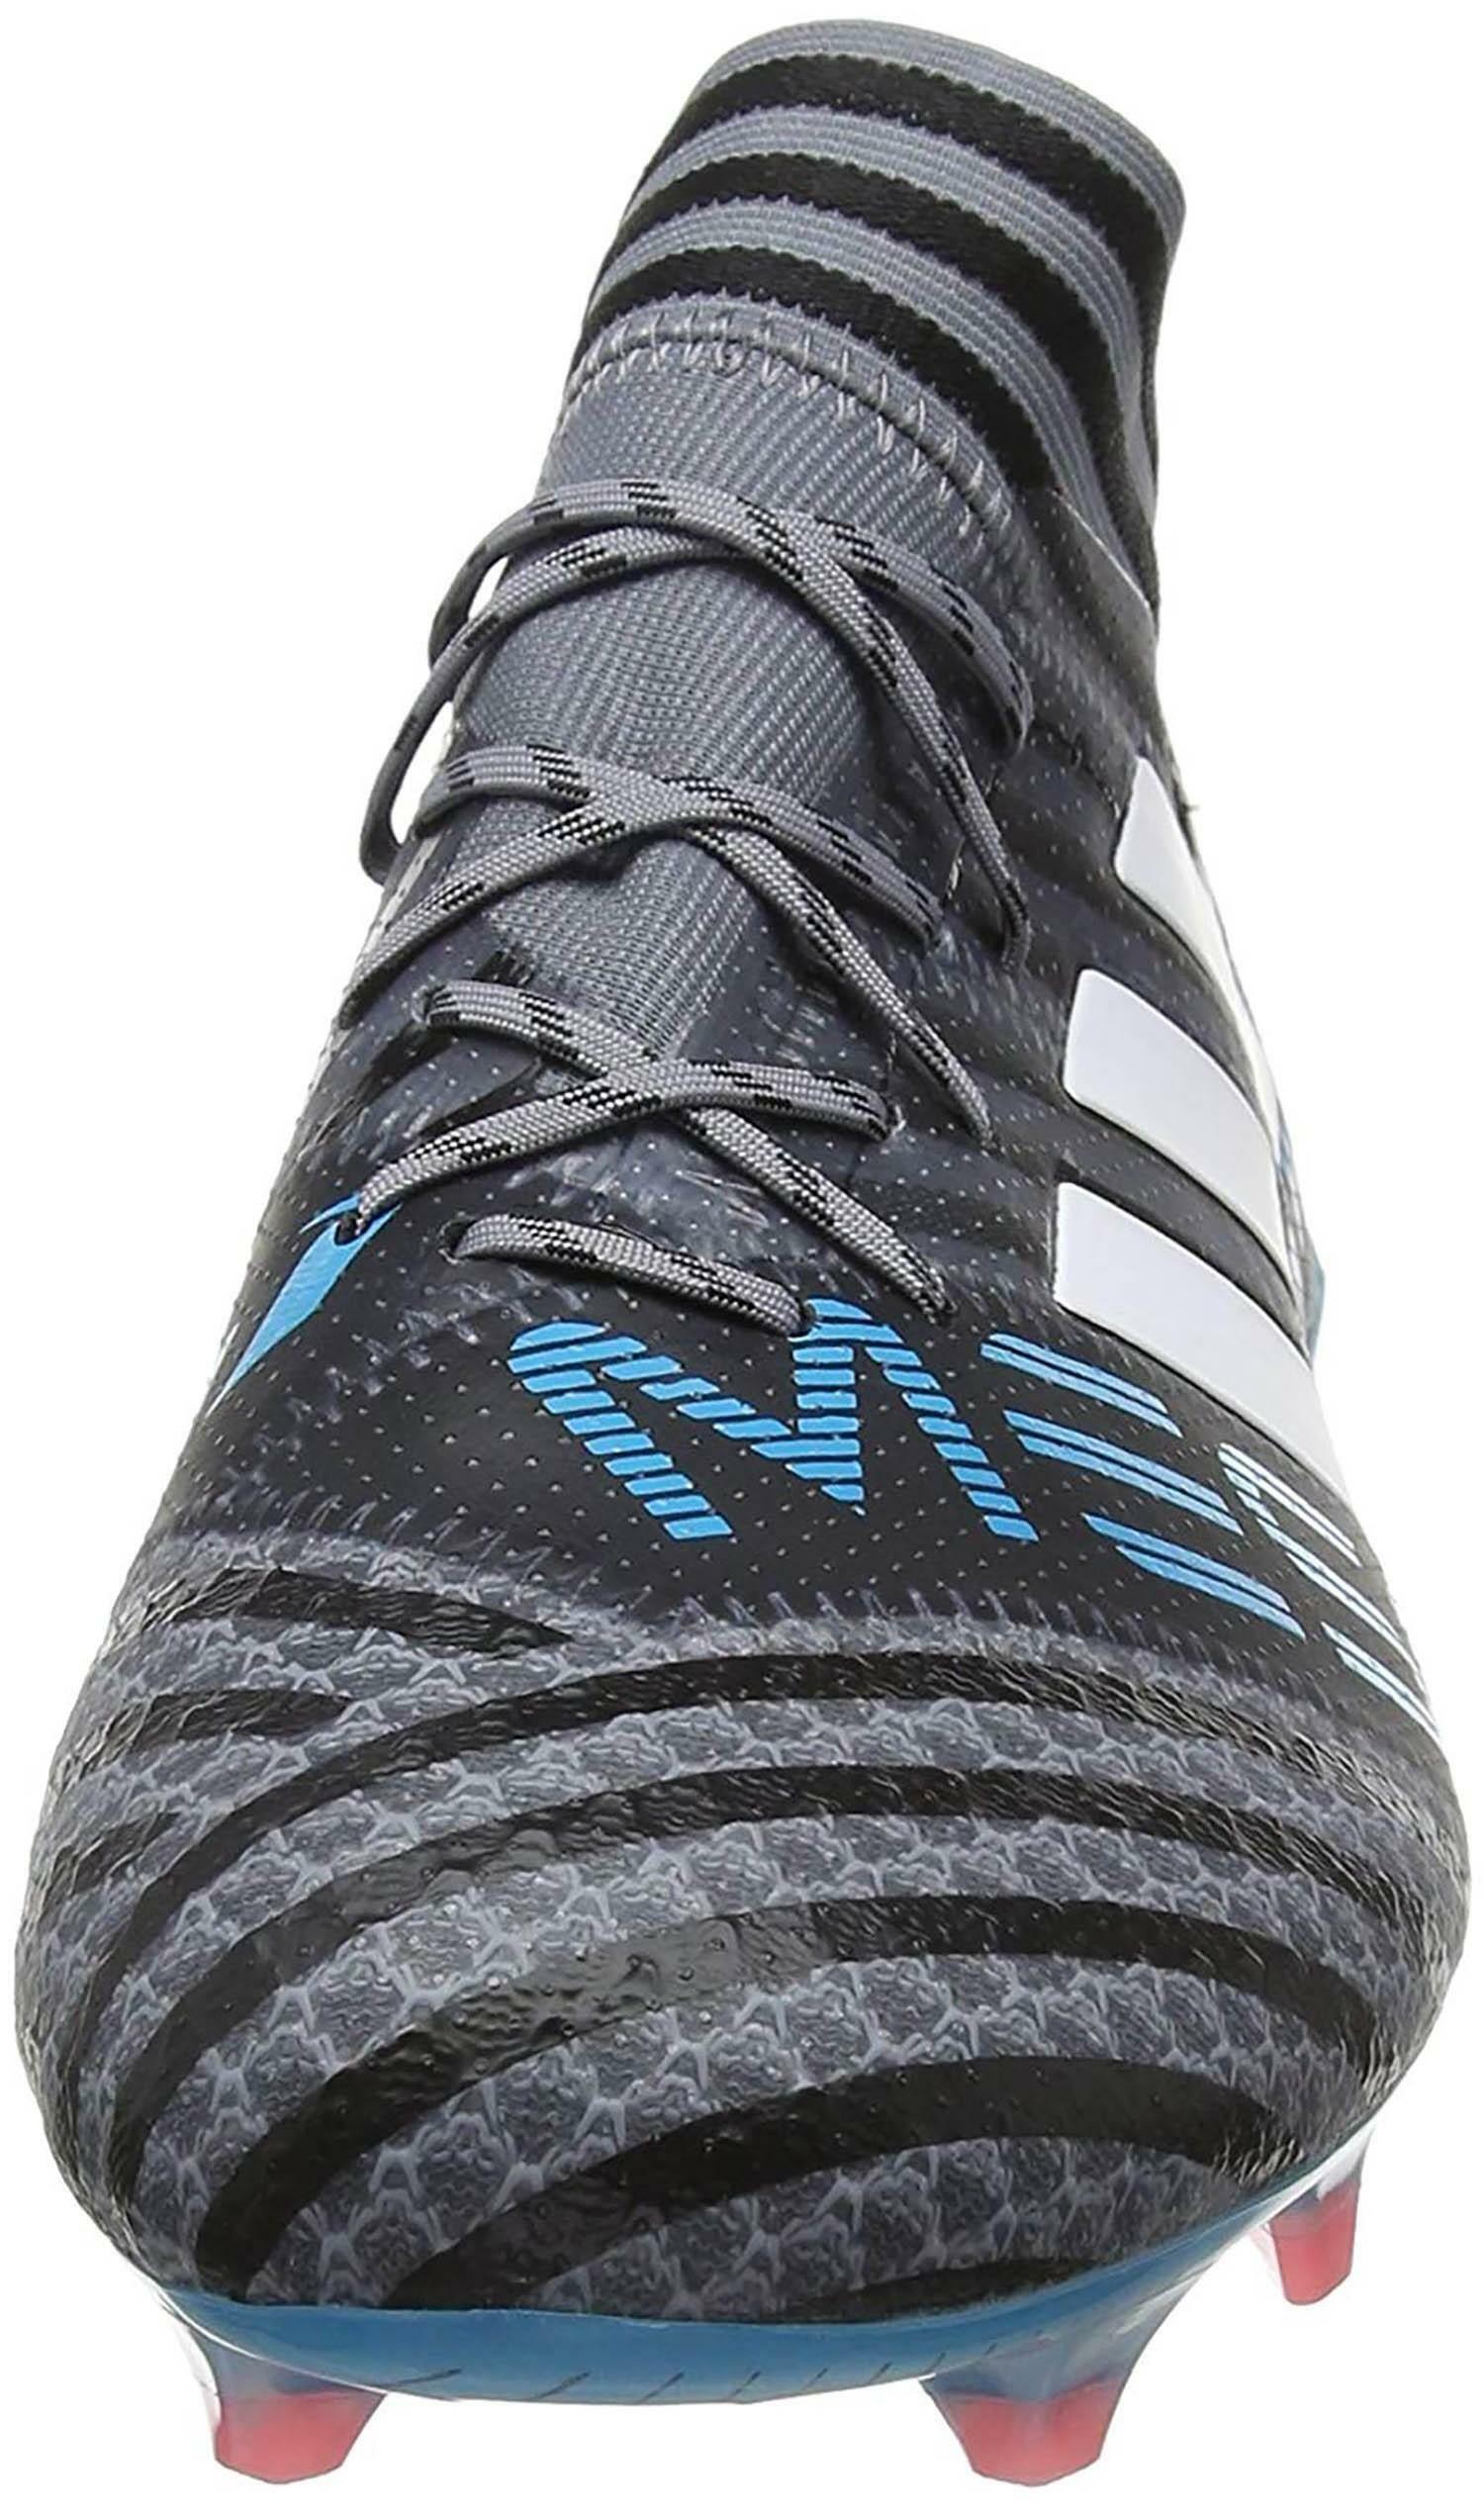 Calcio Grigie Fg Messi Cp9028 17 Uomo Nemeziz Adidas 1 Scarpe rWdCBxoe